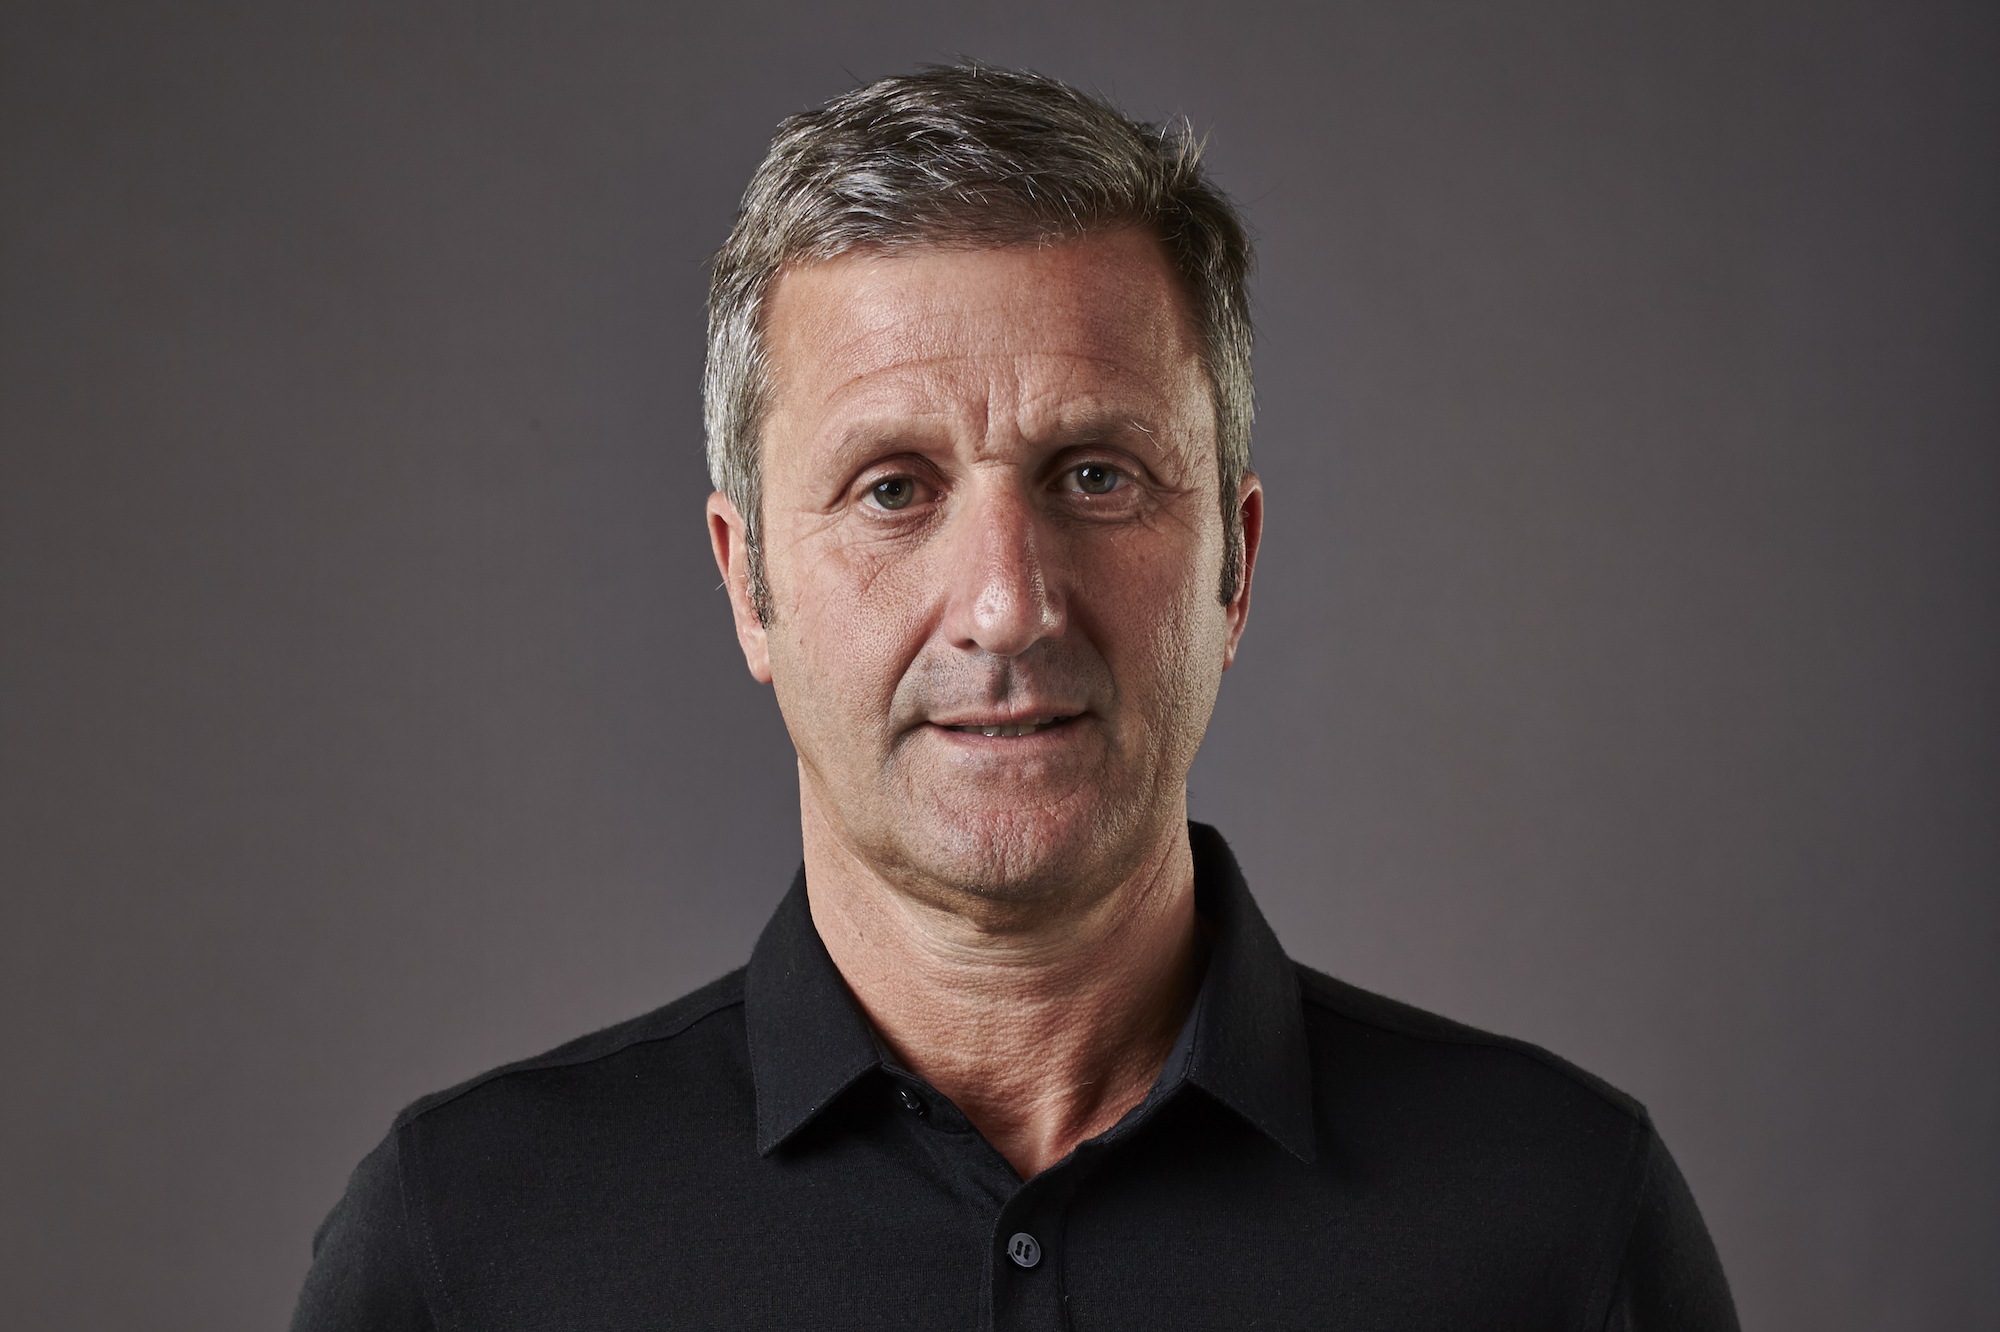 El Dr. Richard Freeman trabajó con 'durmientes' en British Cycling y Team Sky al comprar testosterona, según escucha el tribunal